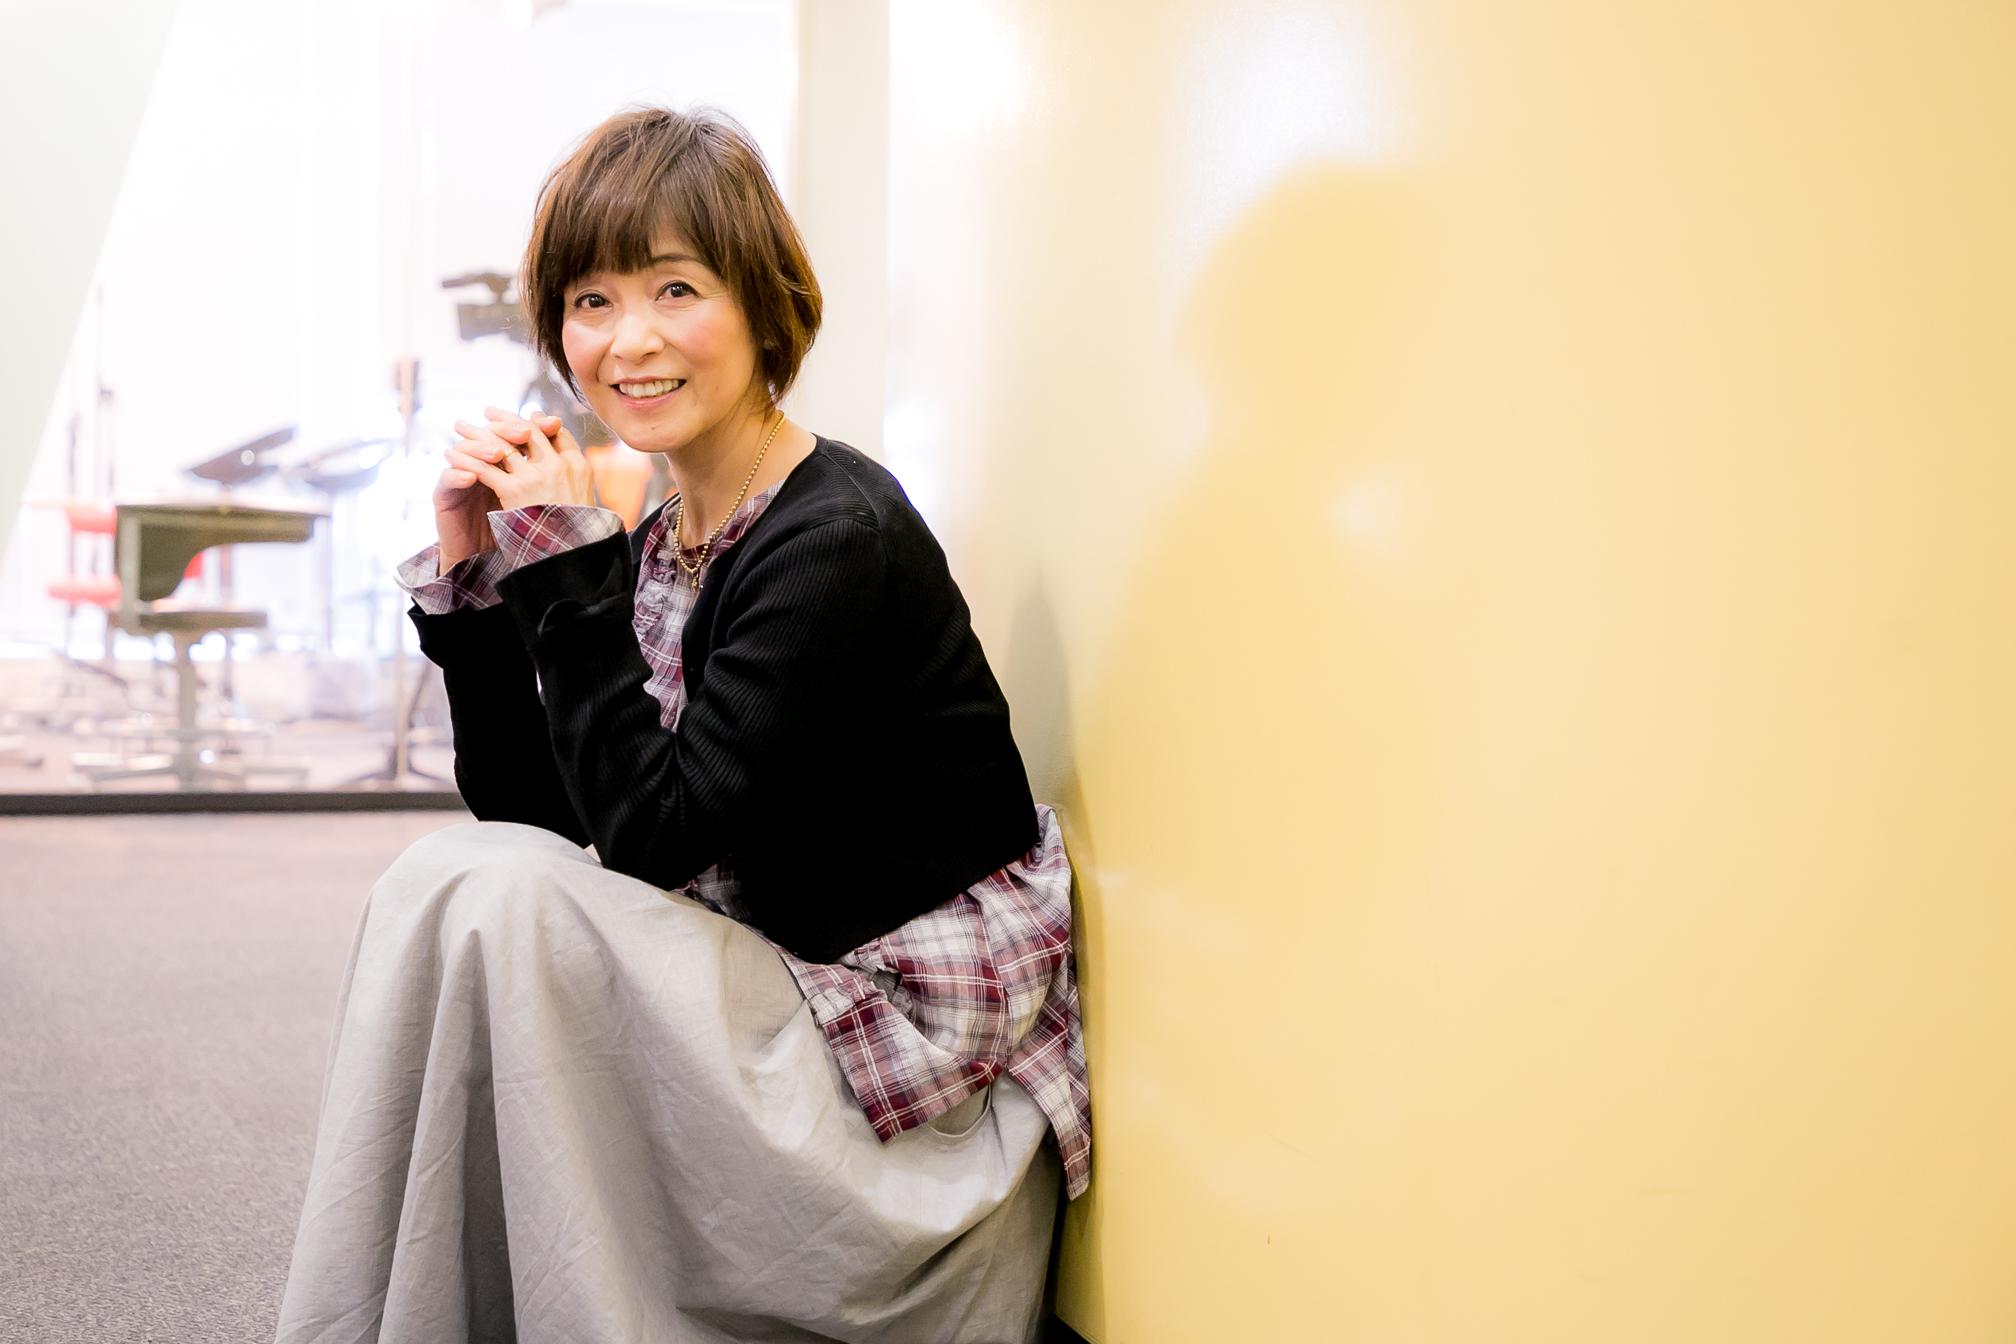 さわやかヒロインから元気な少年役へ 声優・日髙のり子の新たなるチャレンジ